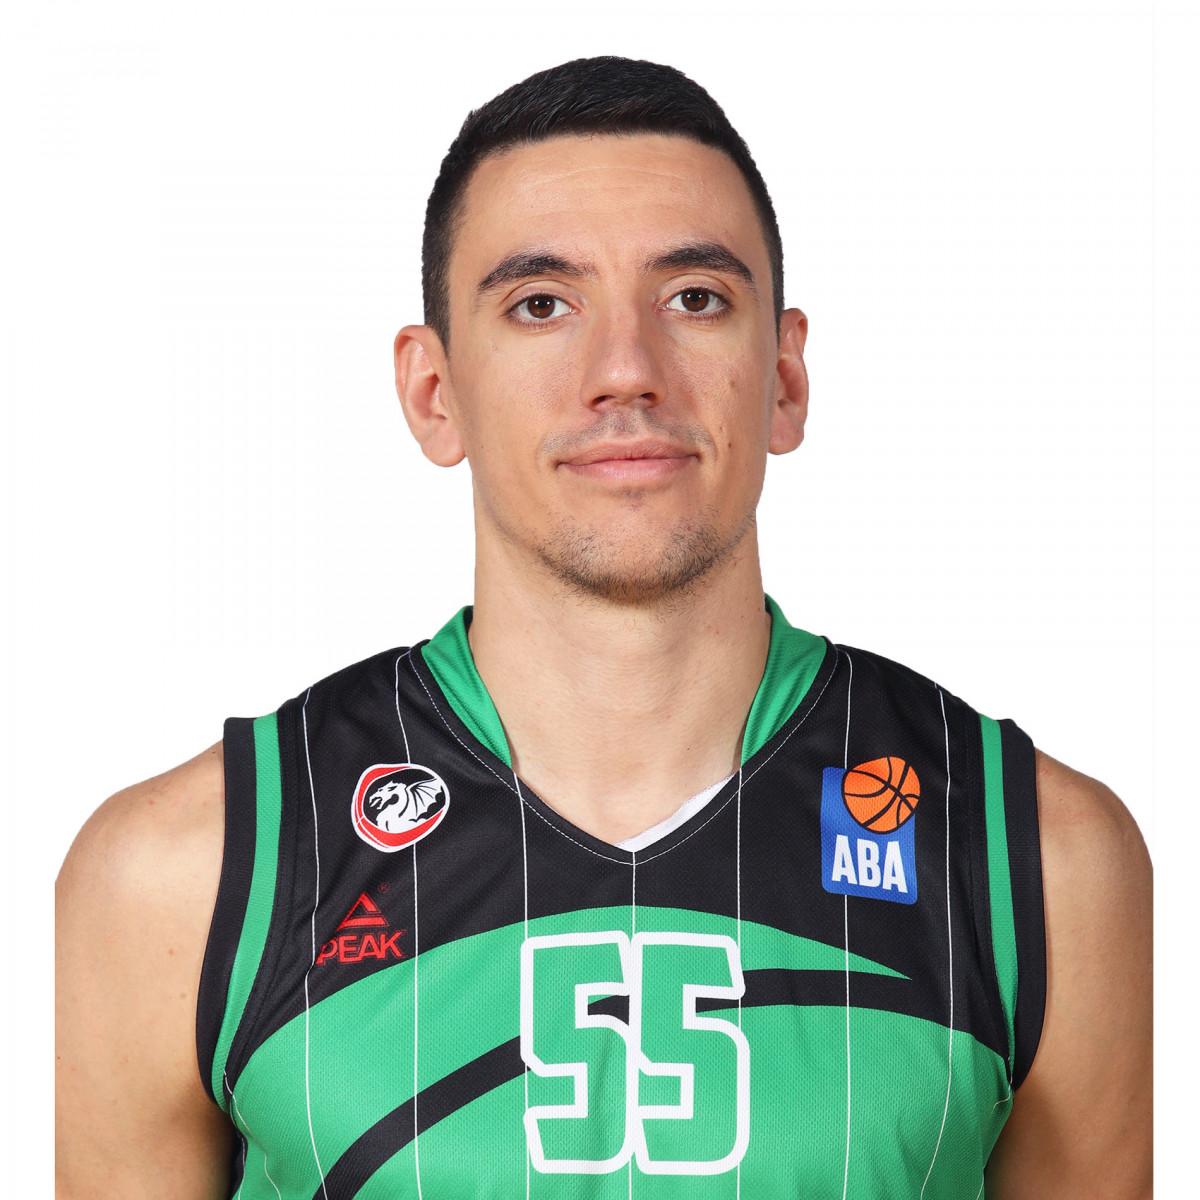 Photo of Erjon Kastrati, 2018-2019 season